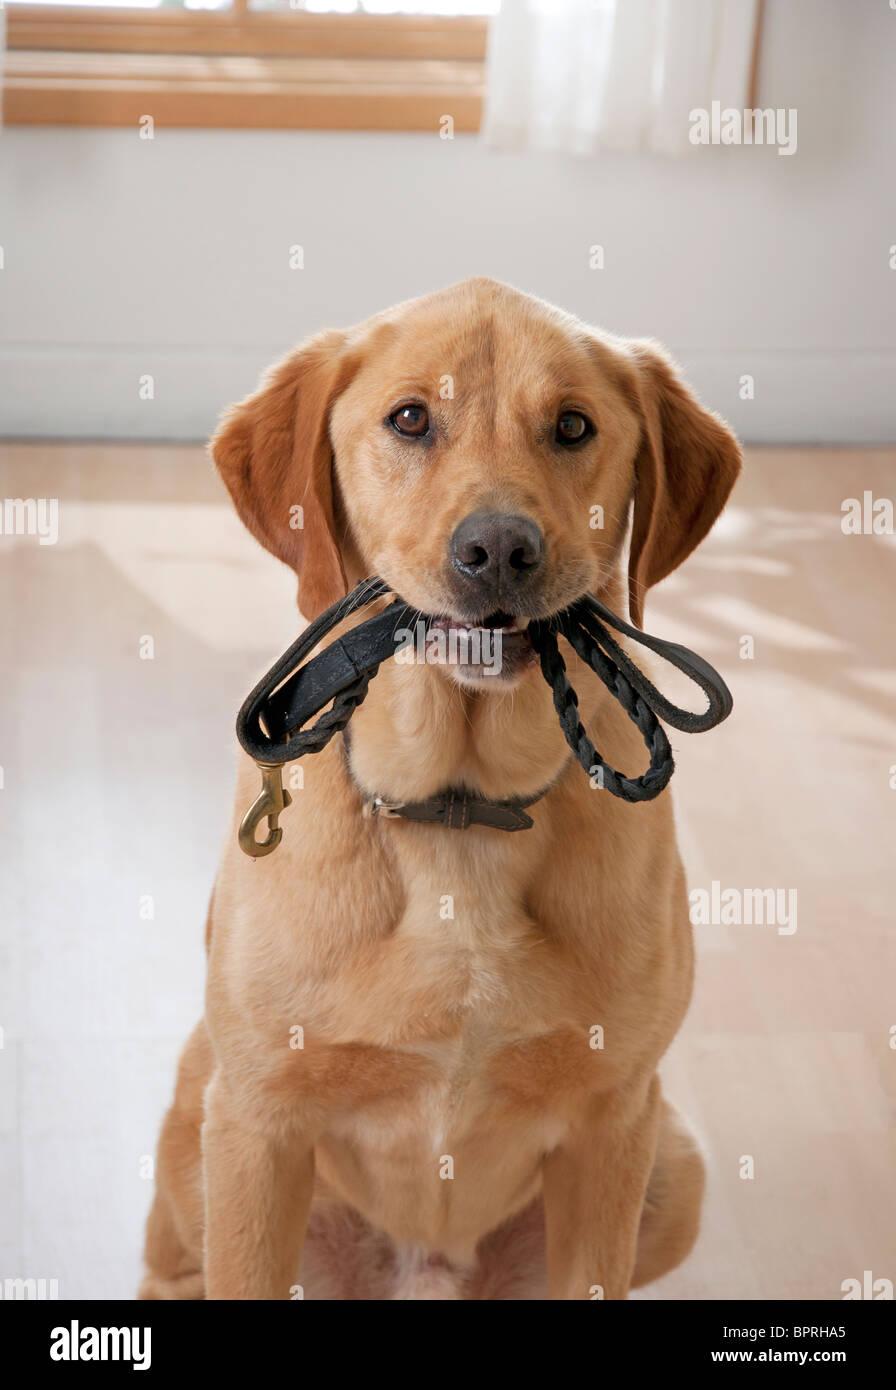 Lindo perro quiere ir a dar un paseo Imagen De Stock